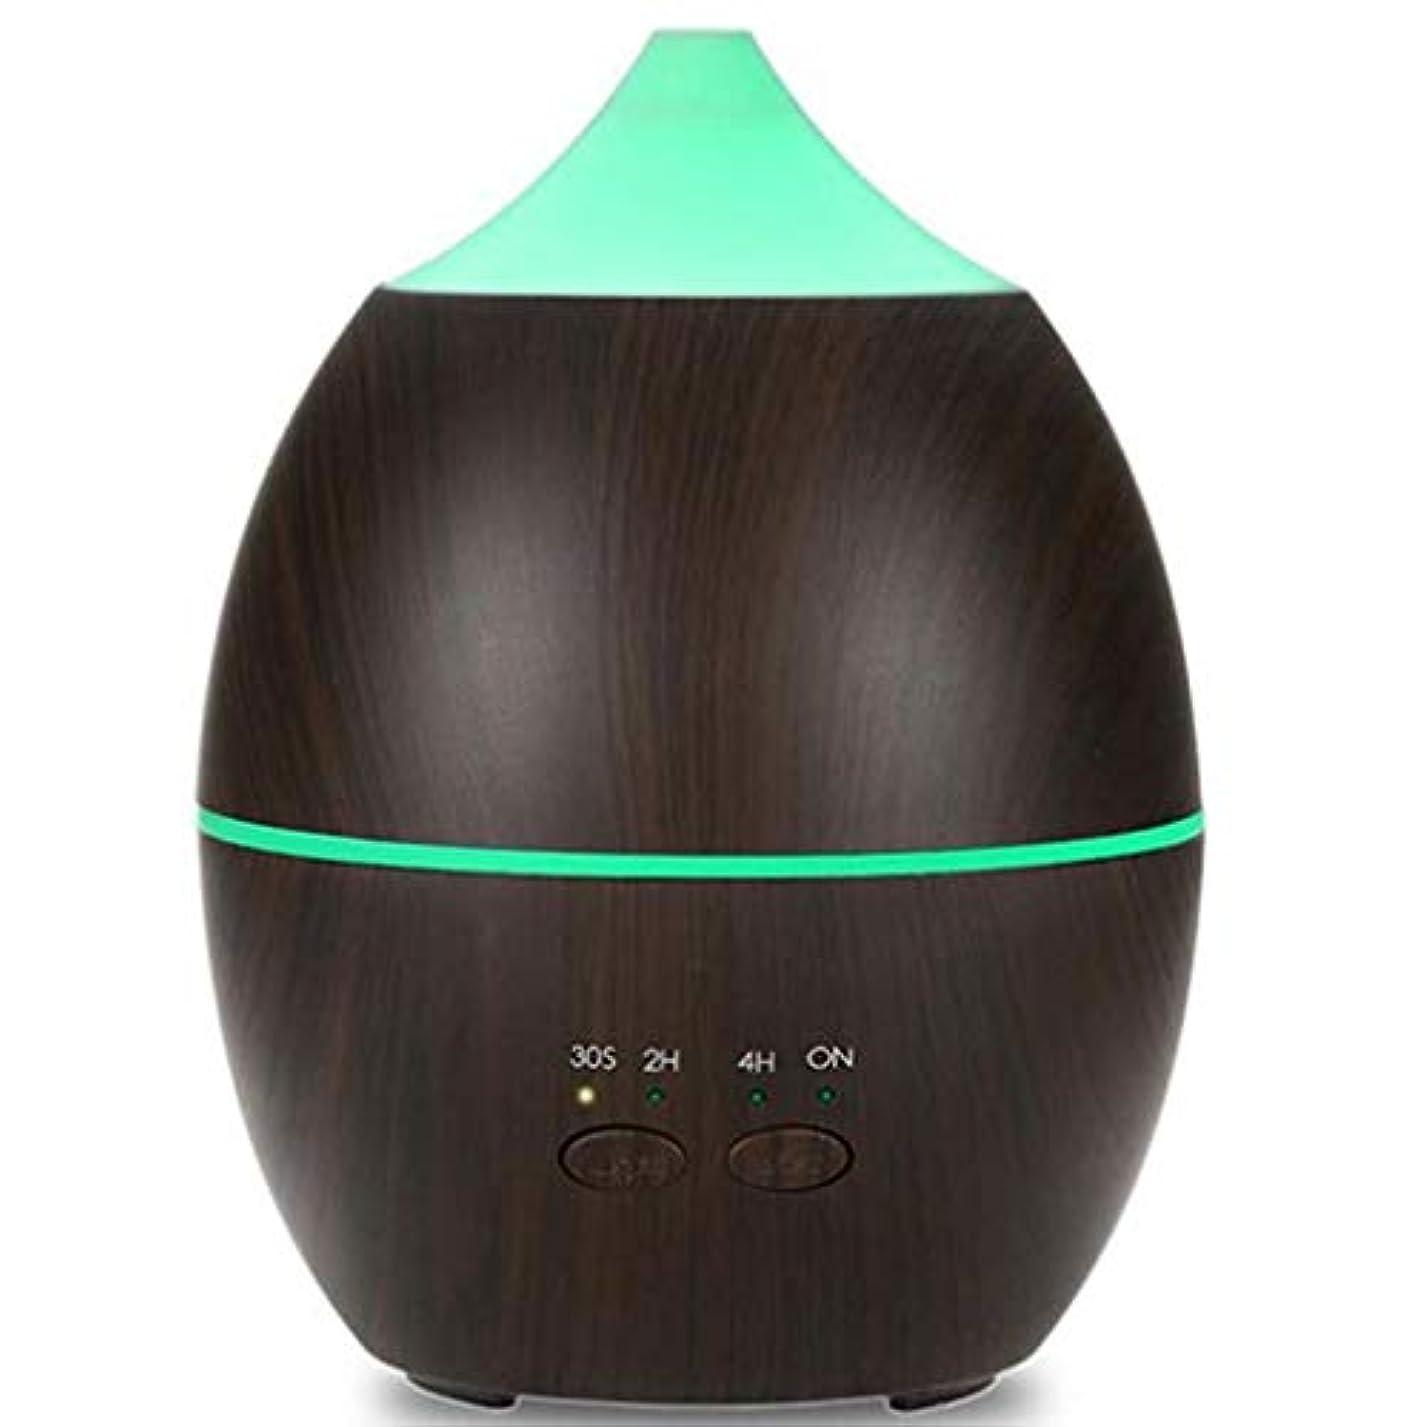 のれん表向き汚染300 Mlエッセンシャルオイルディフューザーアロマディフューザーウッド穀物アロマディフューザーで7色ledライト、調節可能なミストモード用ホームオフィスヨガ